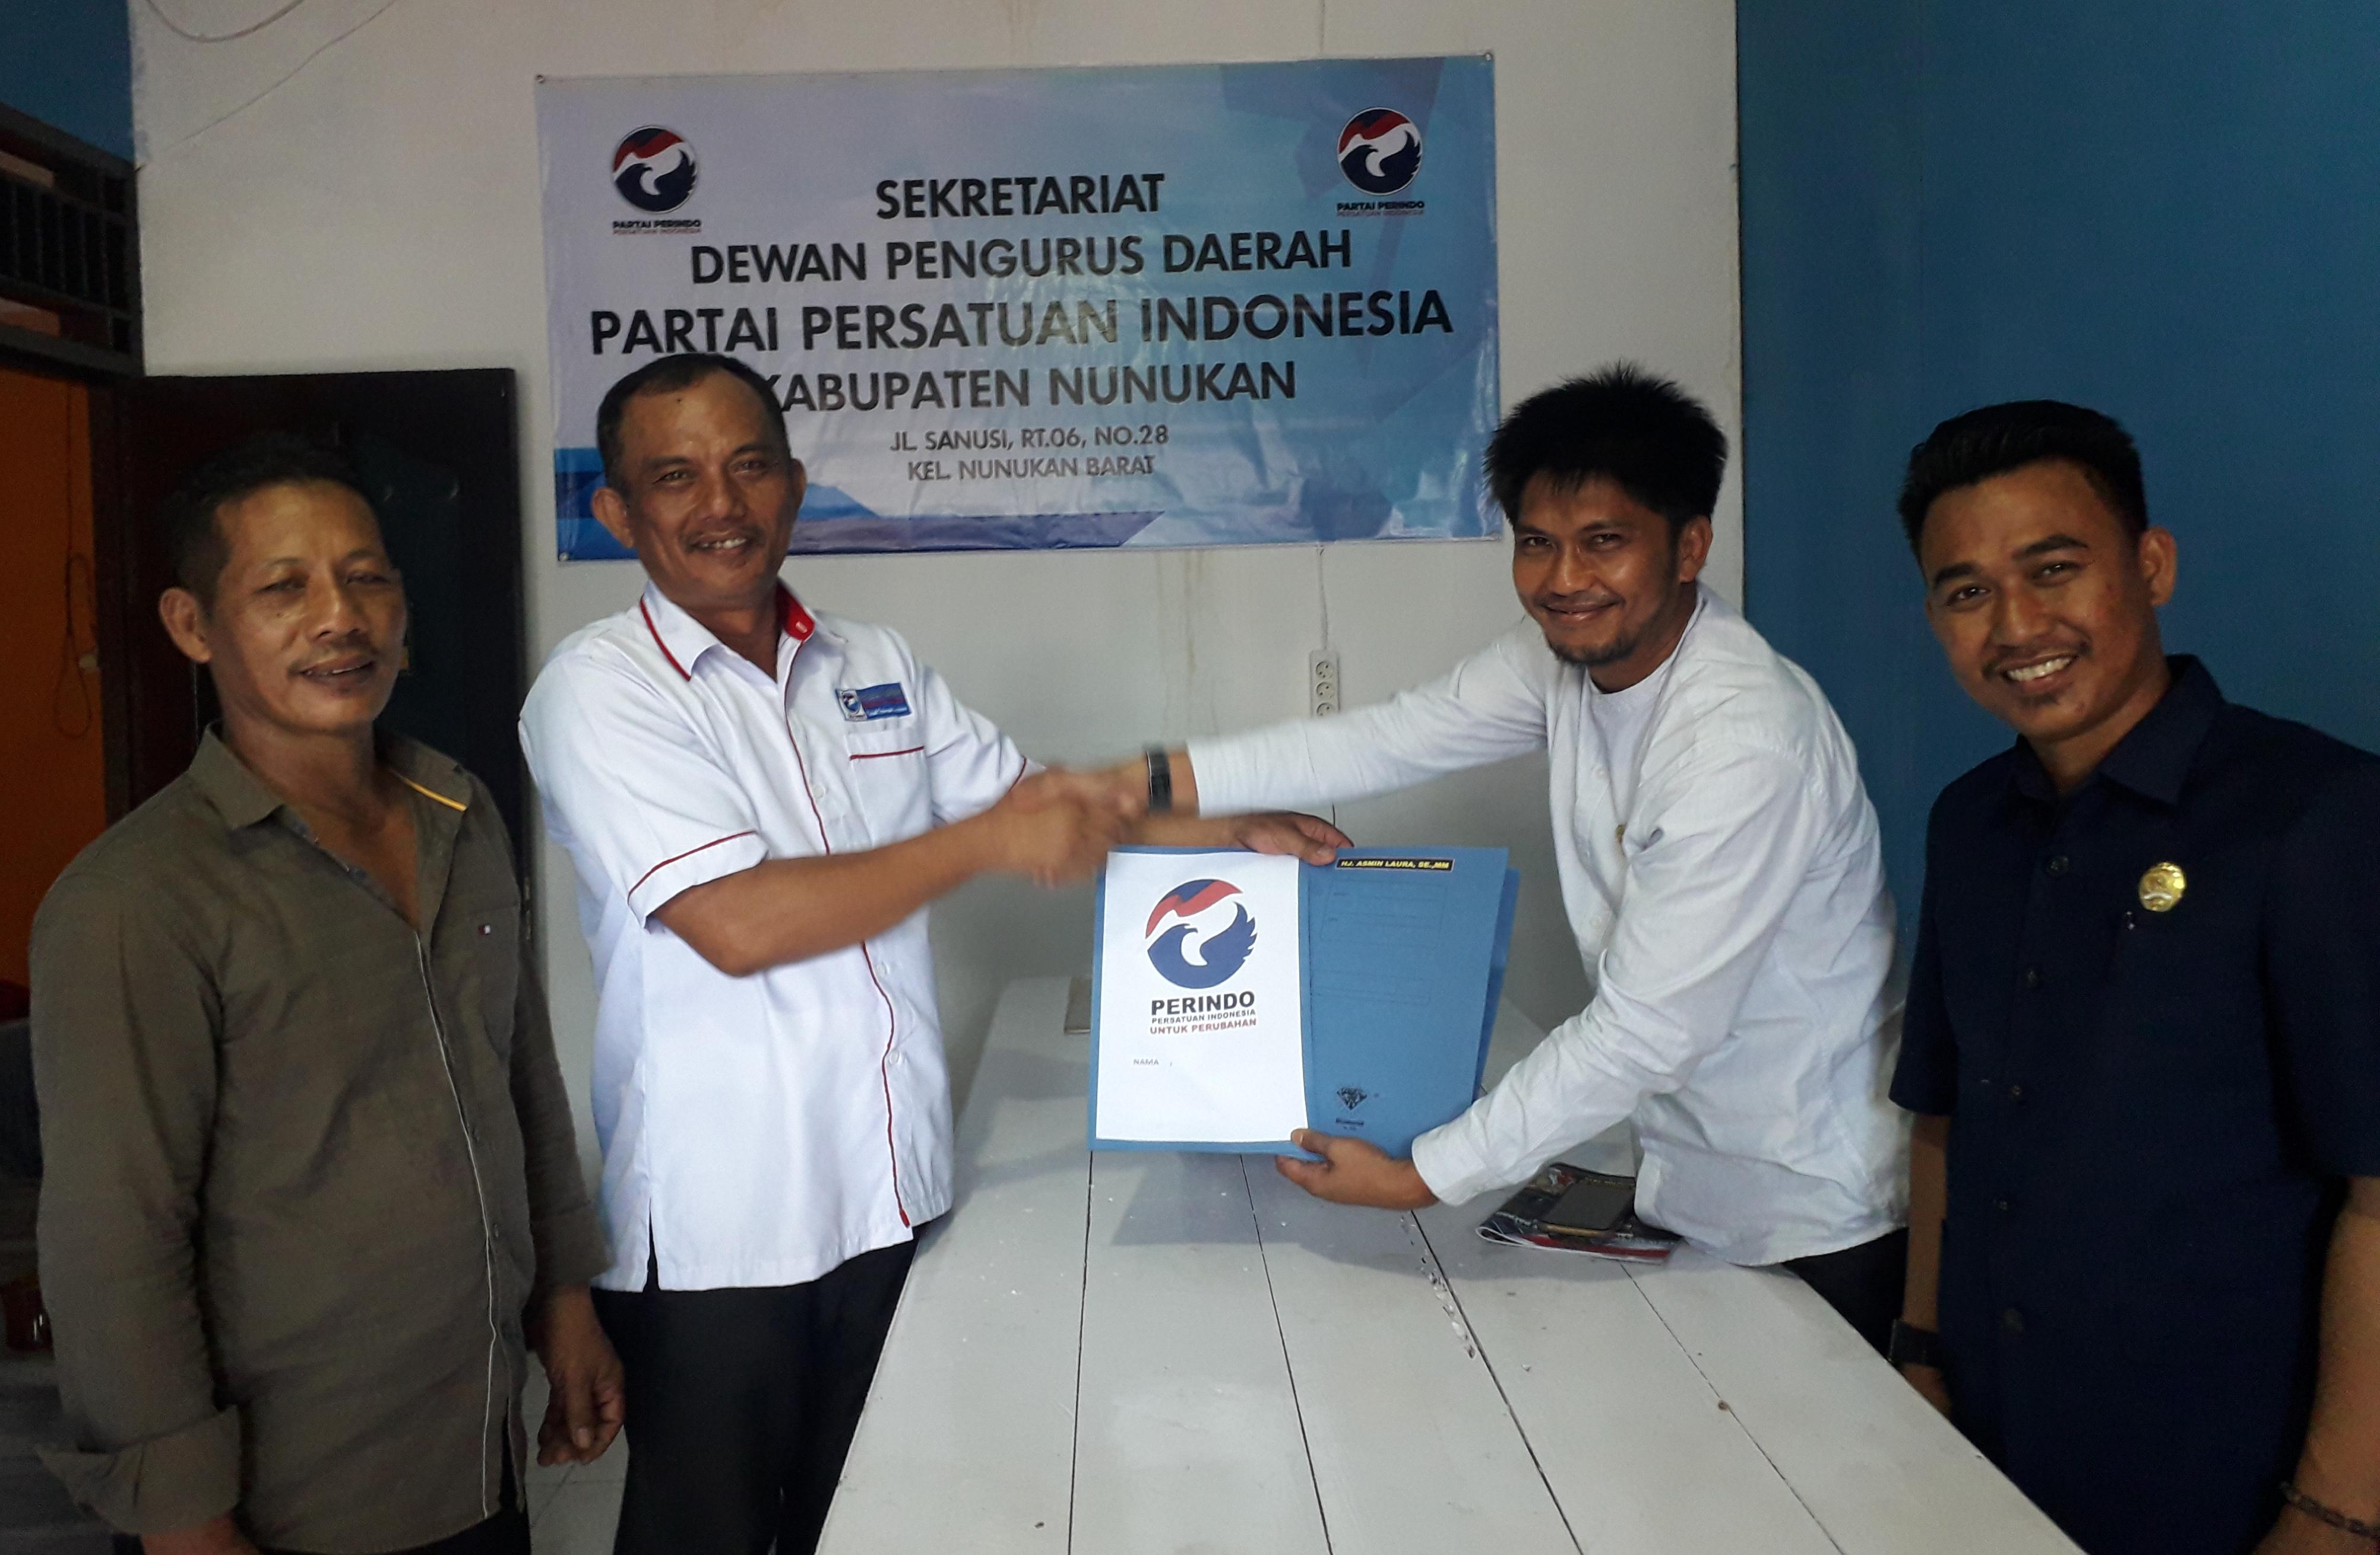 Ahmad Triadi Dan Hamsing Kembalikan Berkas Bakal Cabub Nunukan Untuk Laura Hafid di Perindo